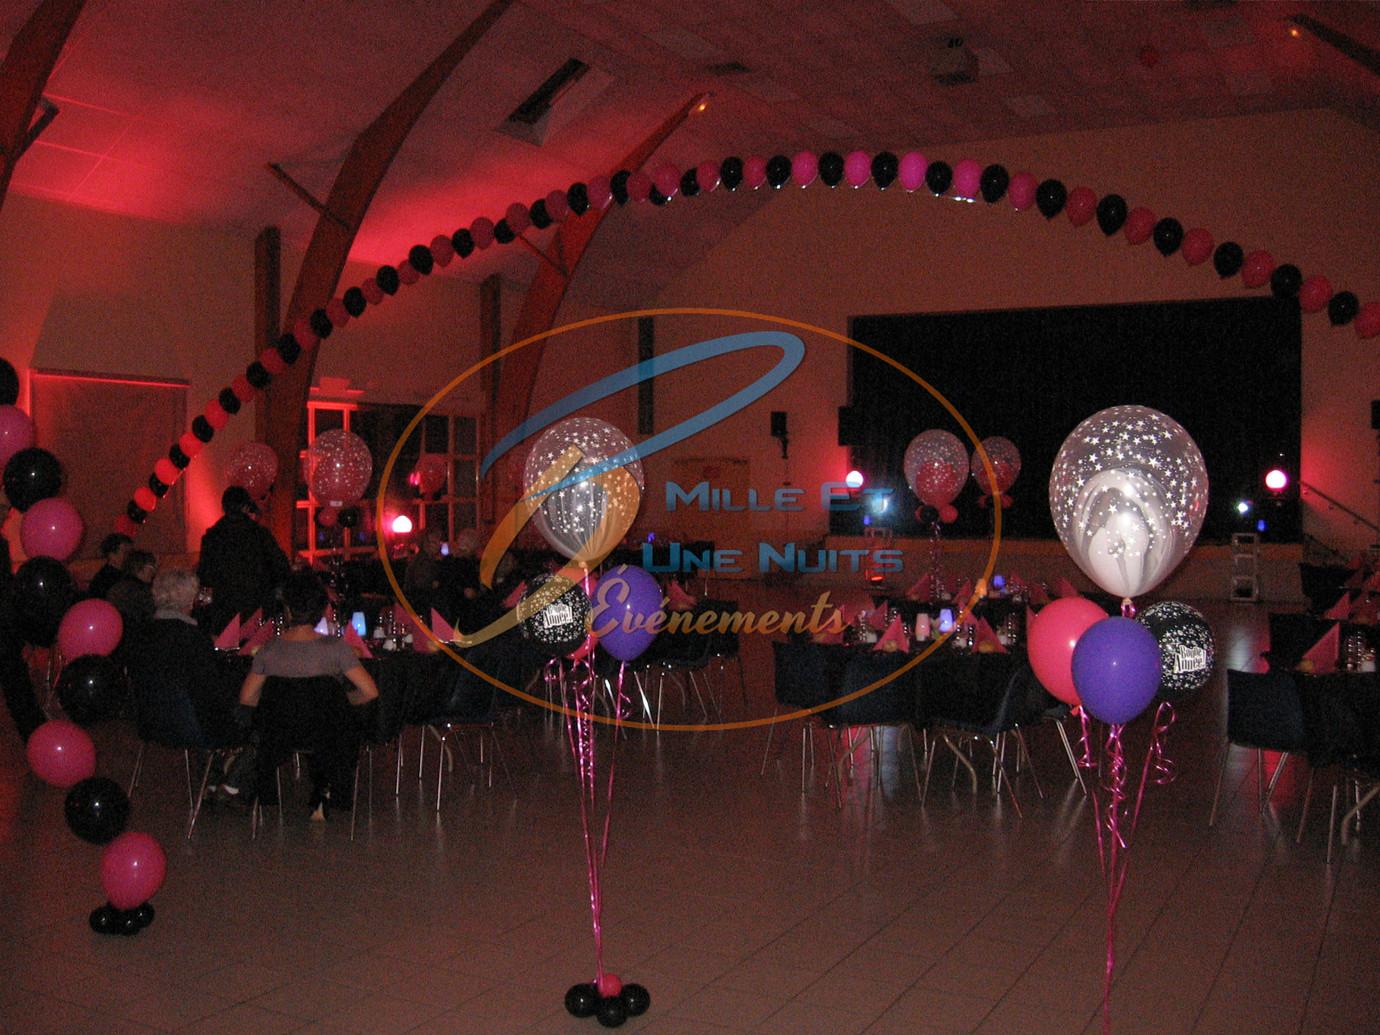 Décoration Arche de Ballon à l'hélium: en Bretagne (ille et vilaine, Fougères, Rennes, Vitré), Normandie, Pays de la loire